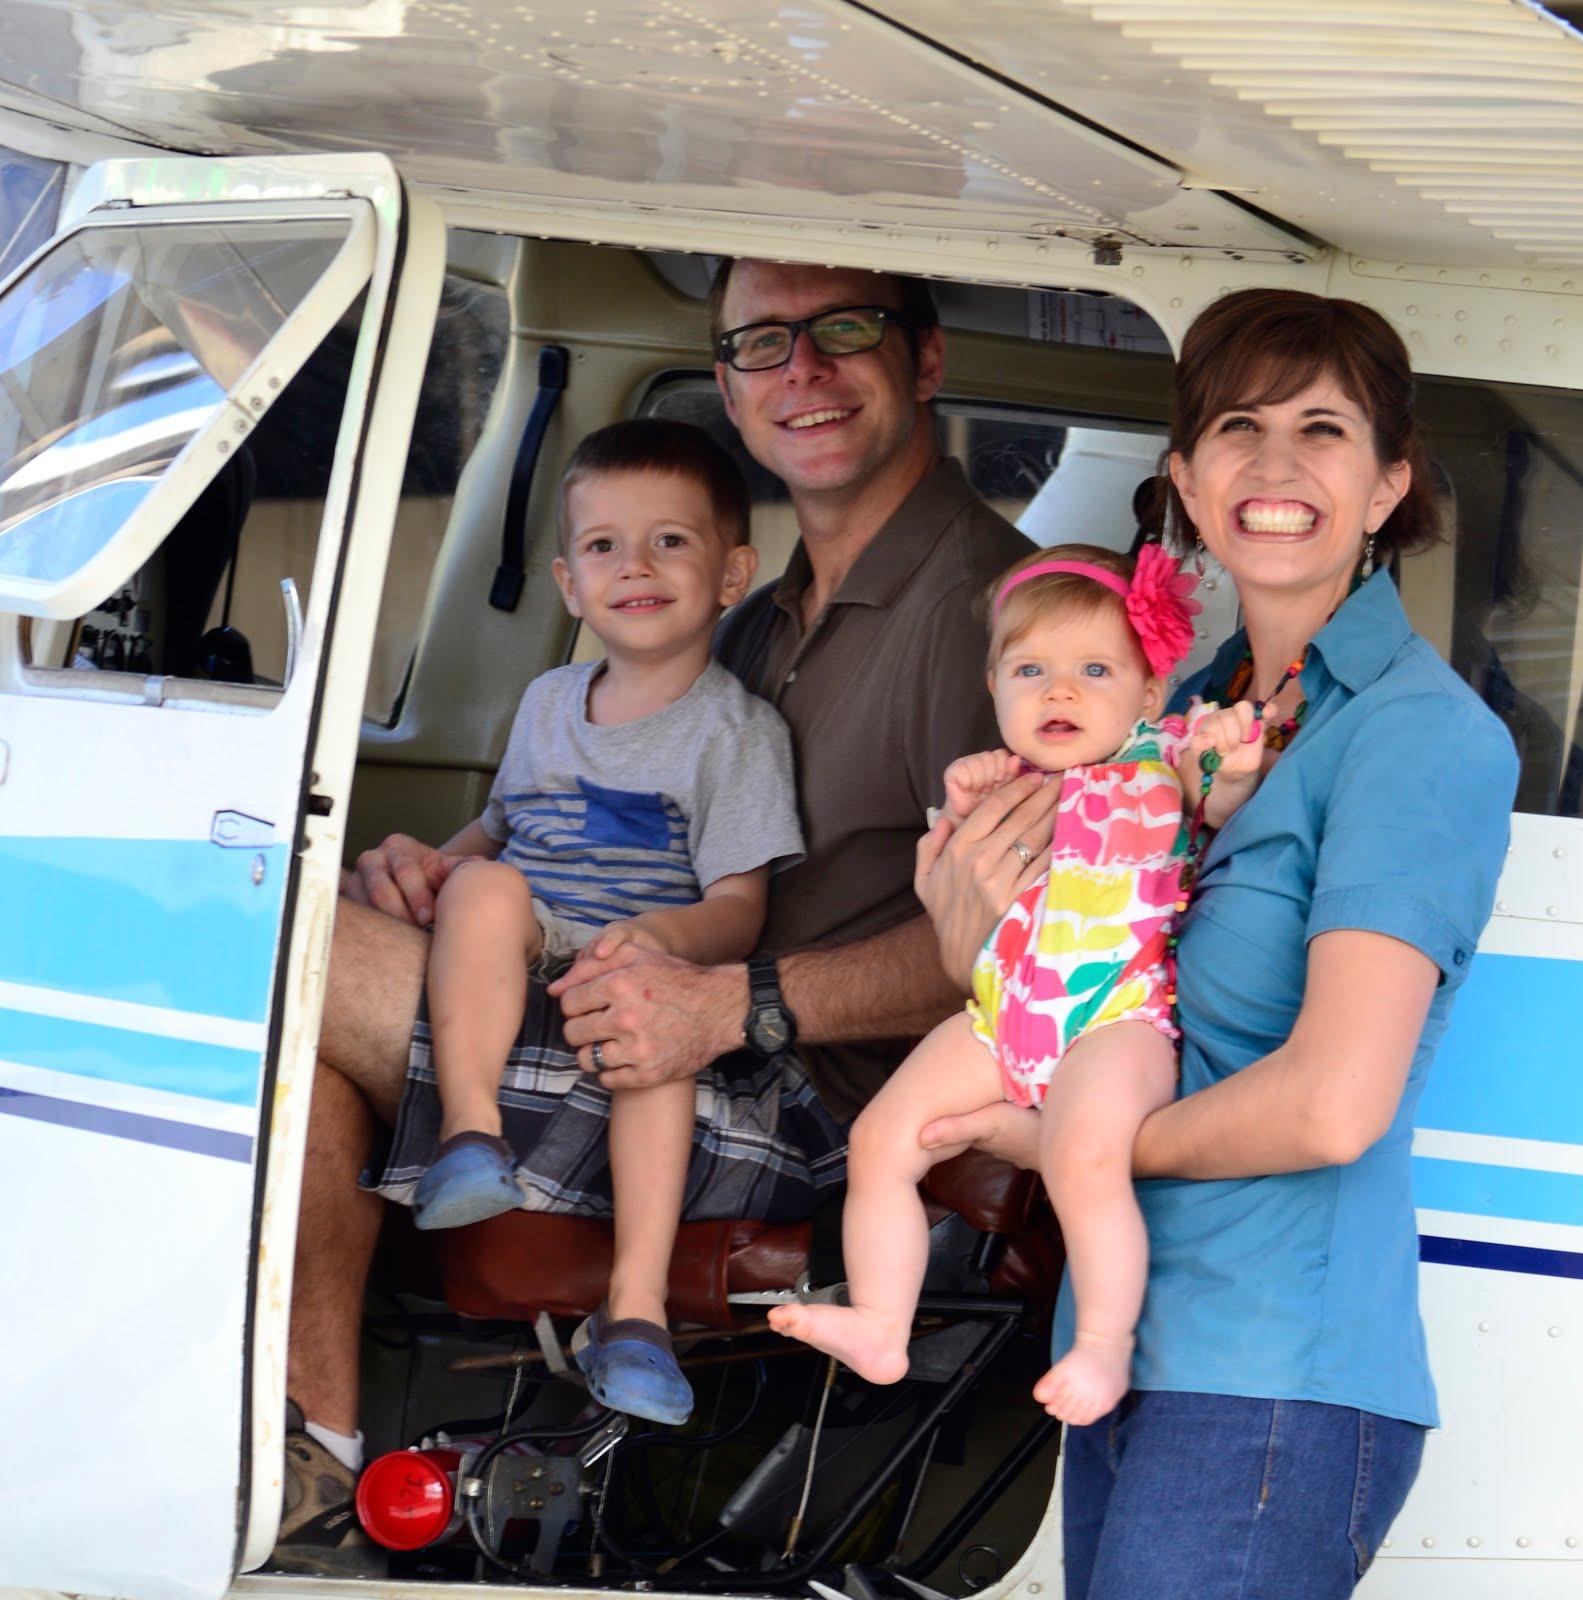 Jeyson, Stephanie, Elijah, & Audrey